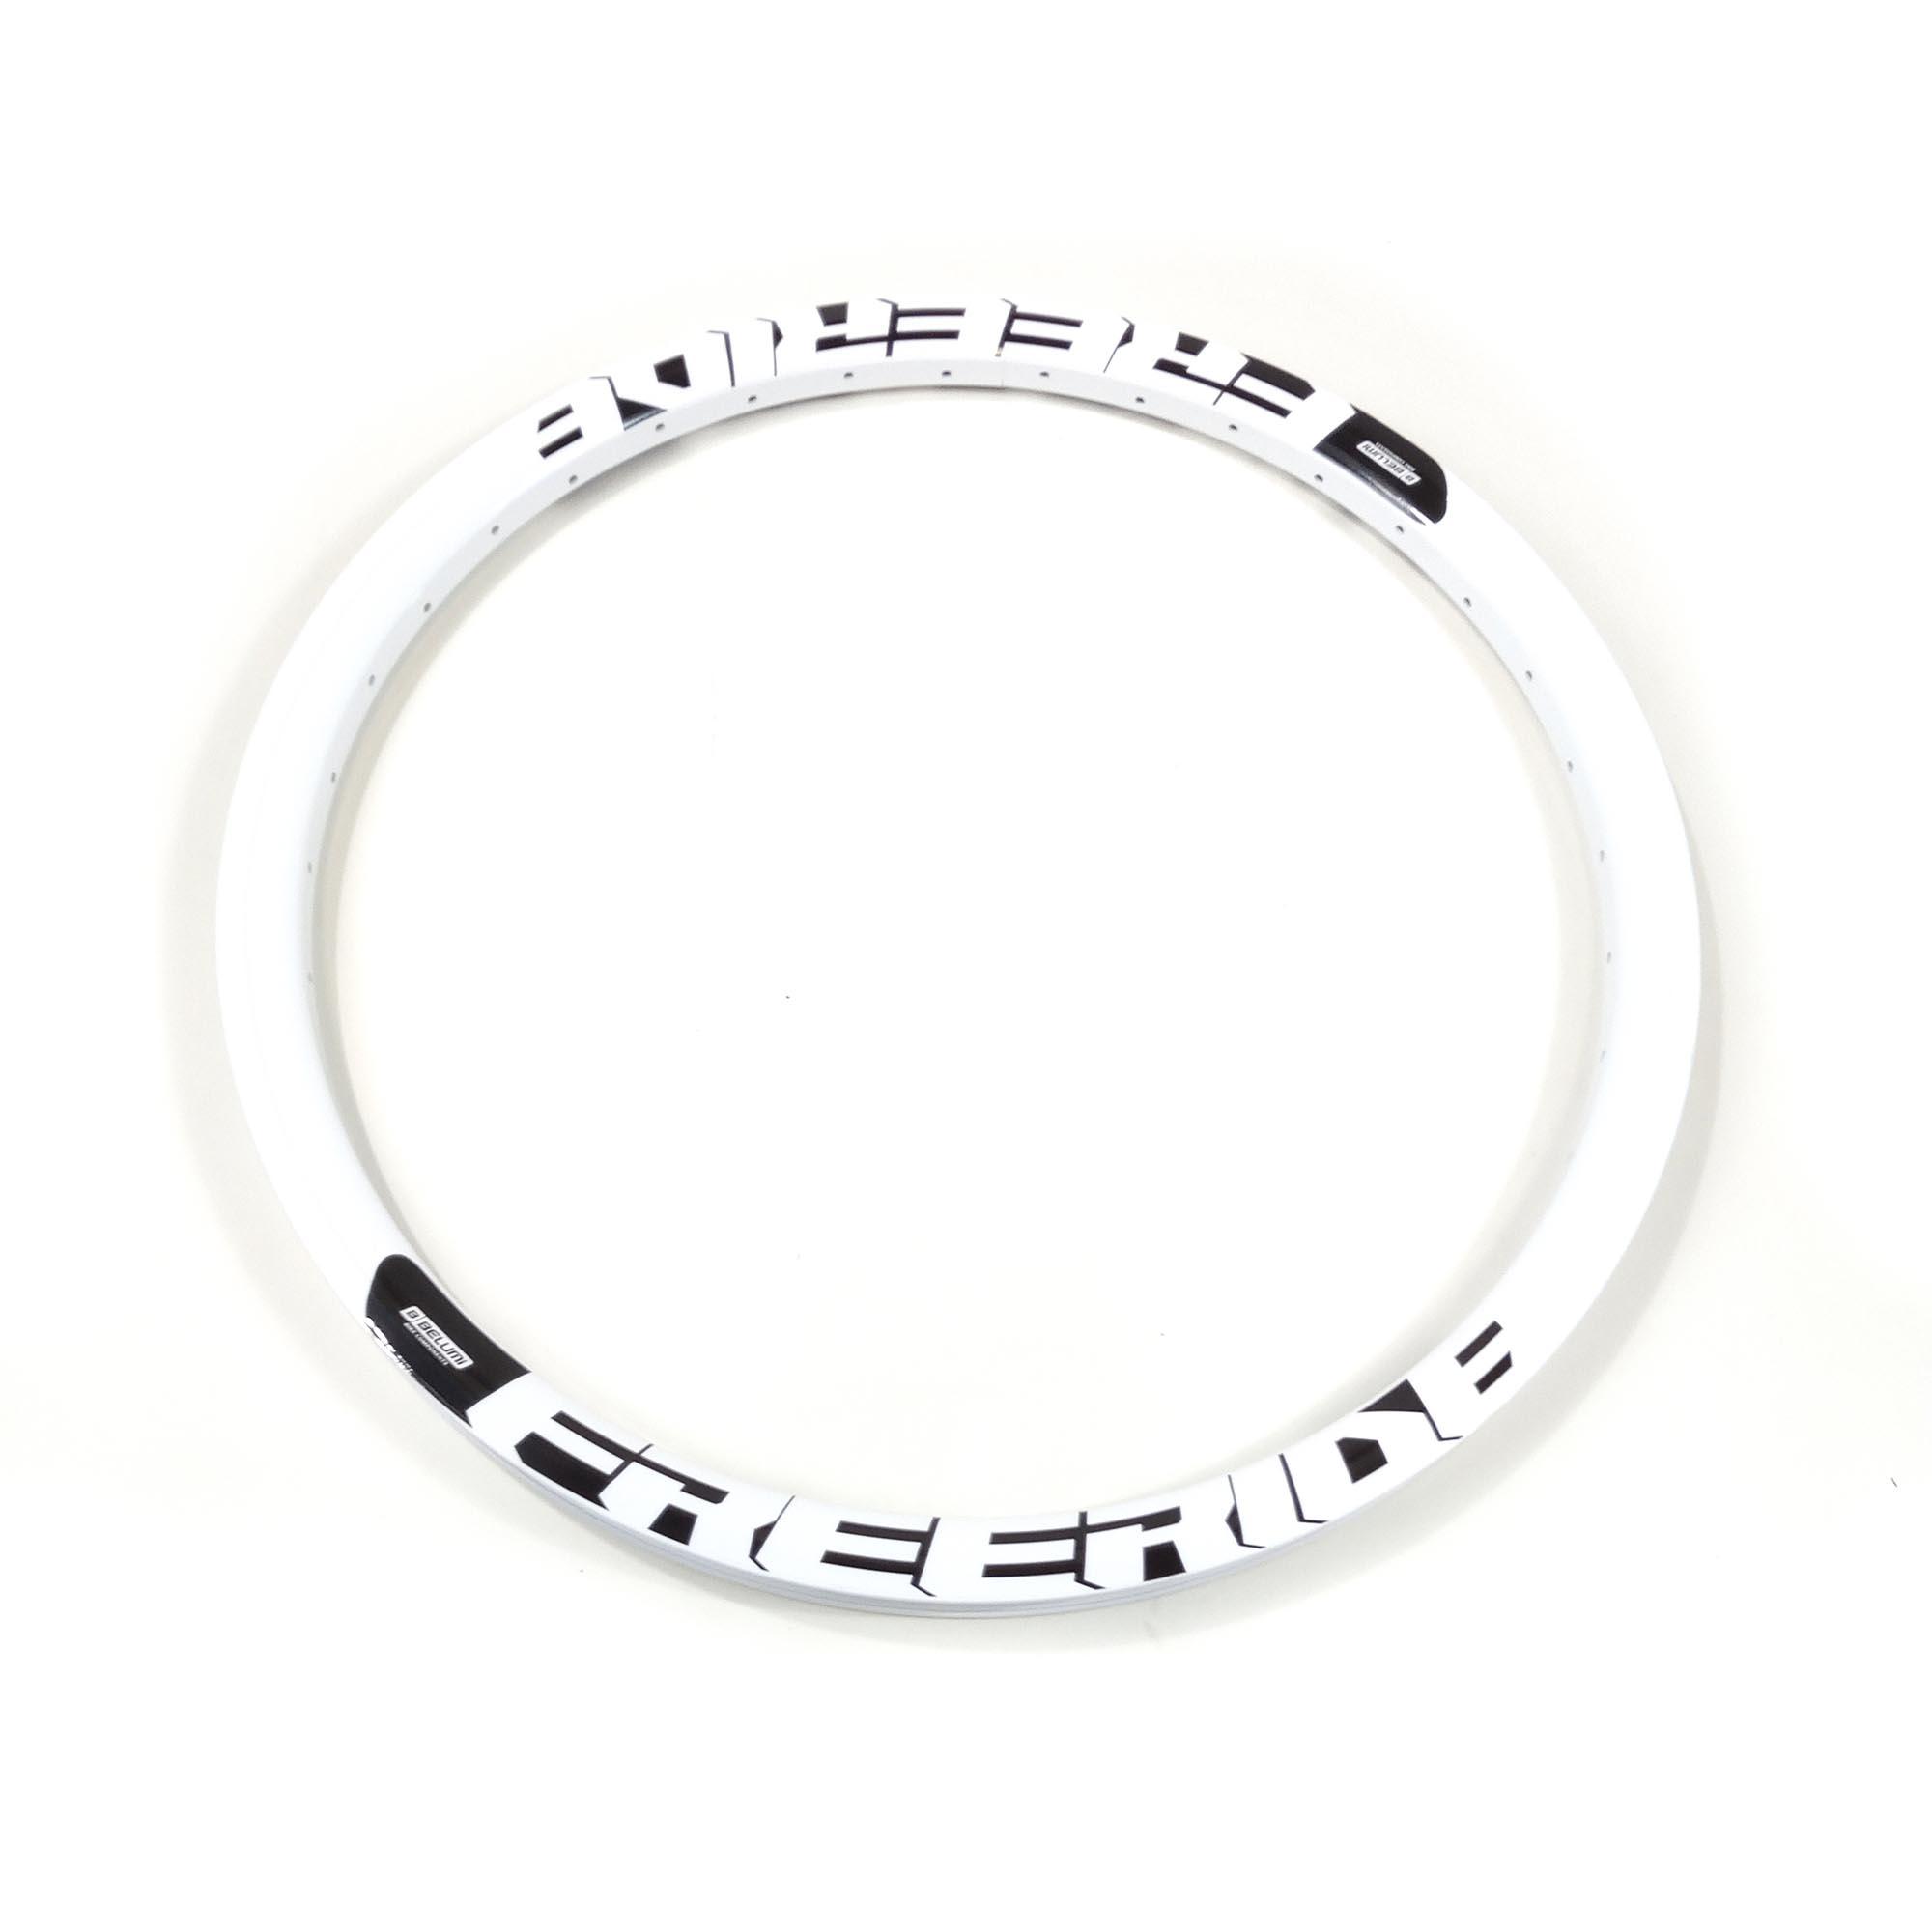 Aro de Bicicleta 26 Belumi Aluminio Freeride 36f Disco Branco